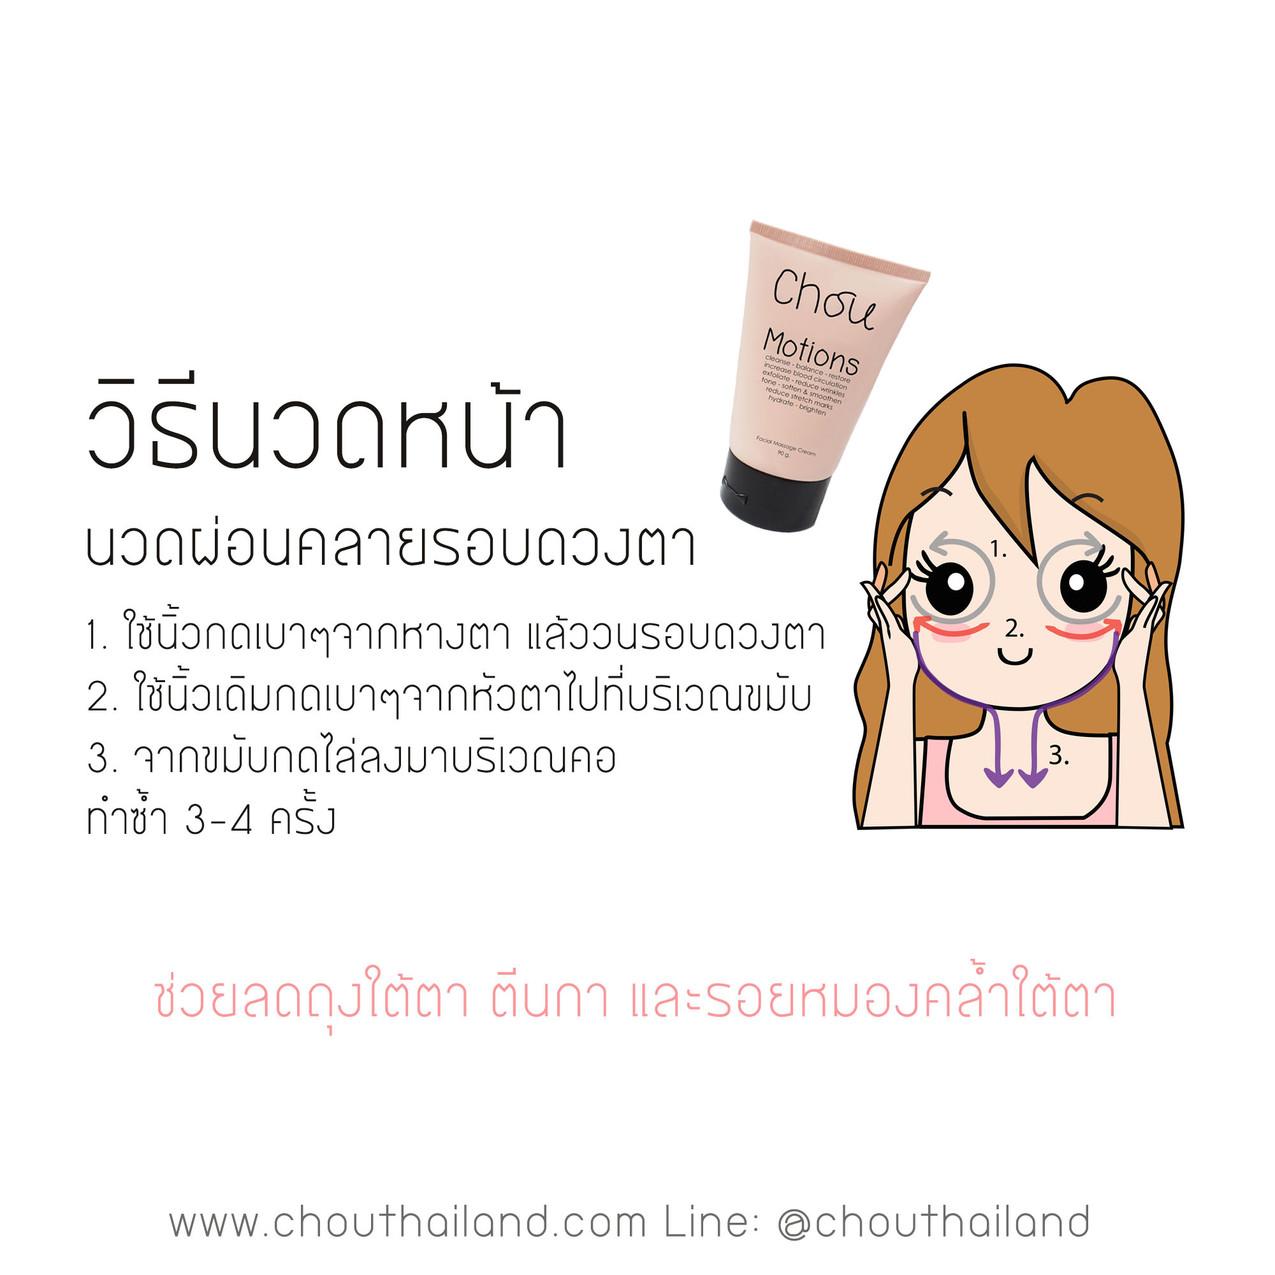 Motions Massage cream 3 Eyes massage